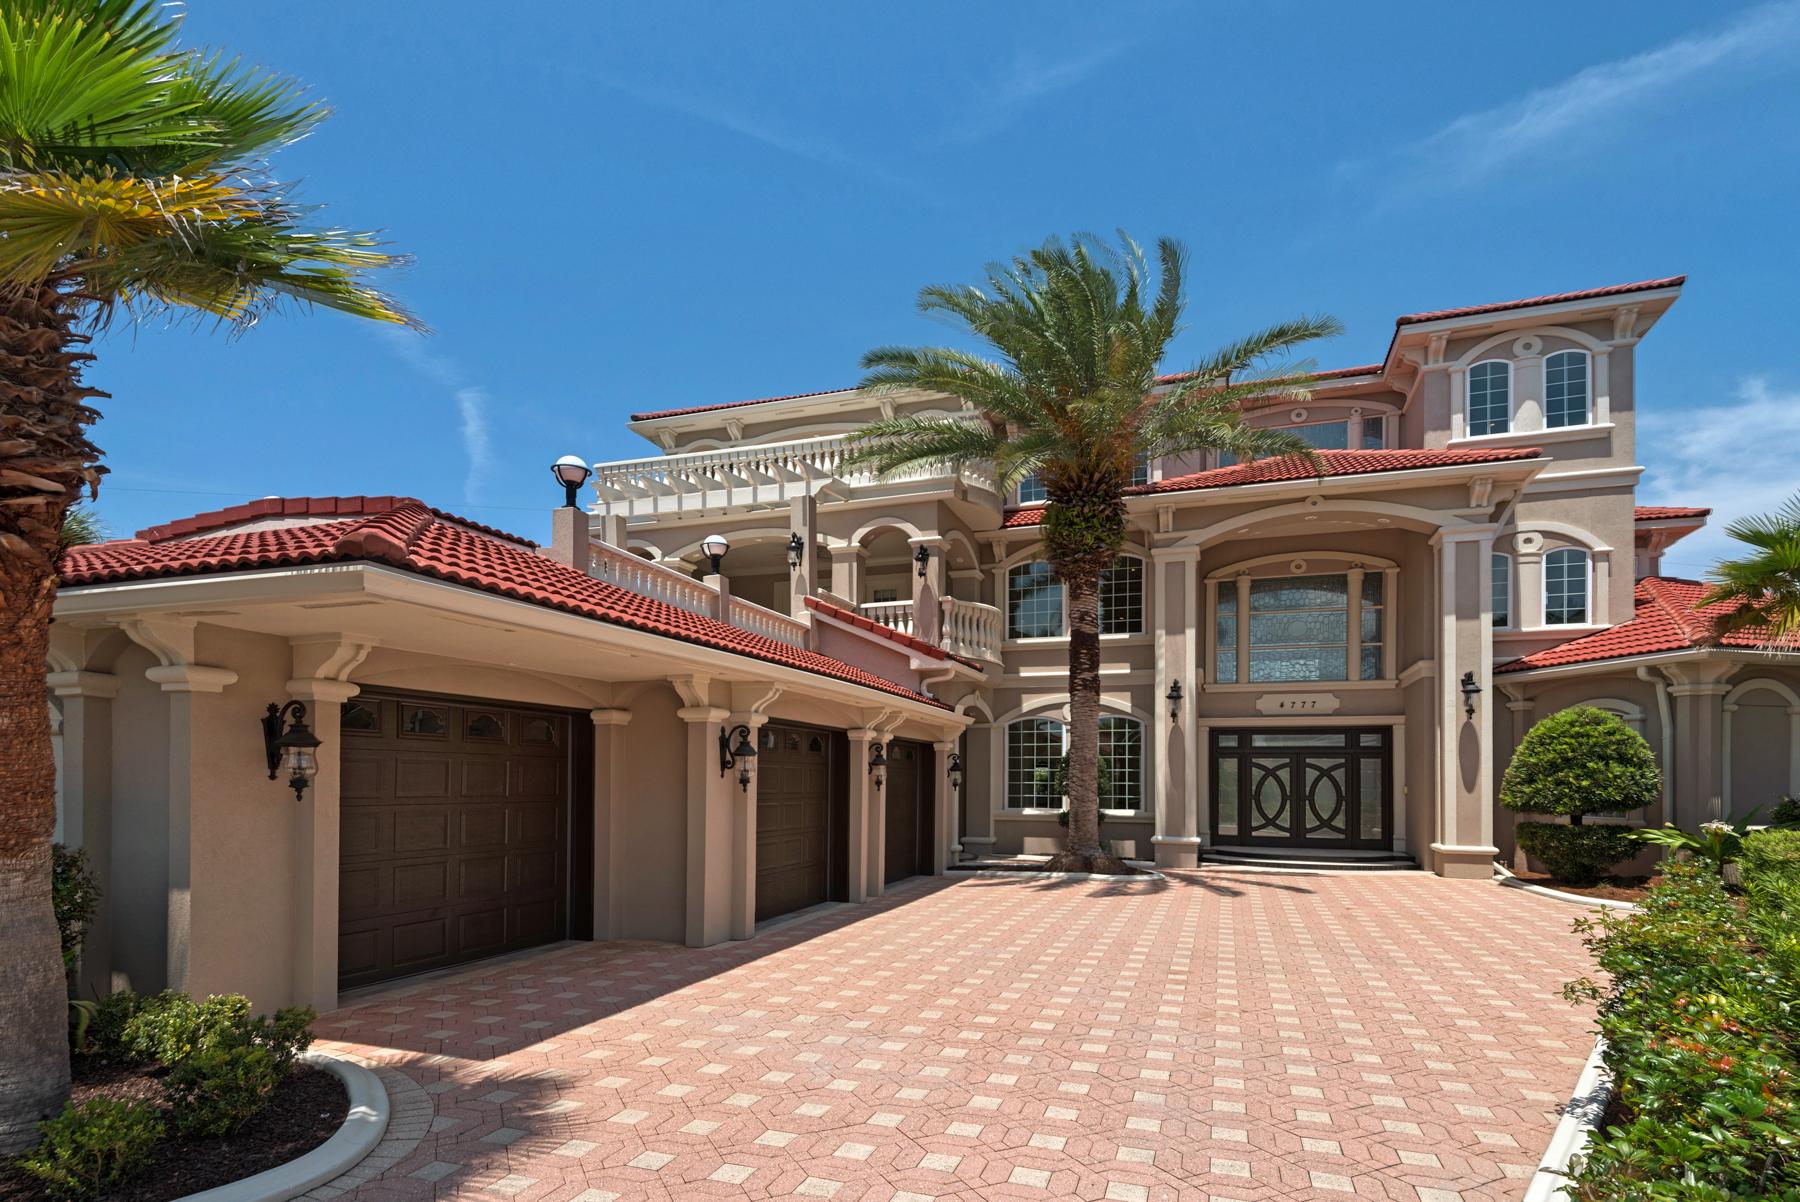 Bella casa a destin getaways rental property for Casa bella